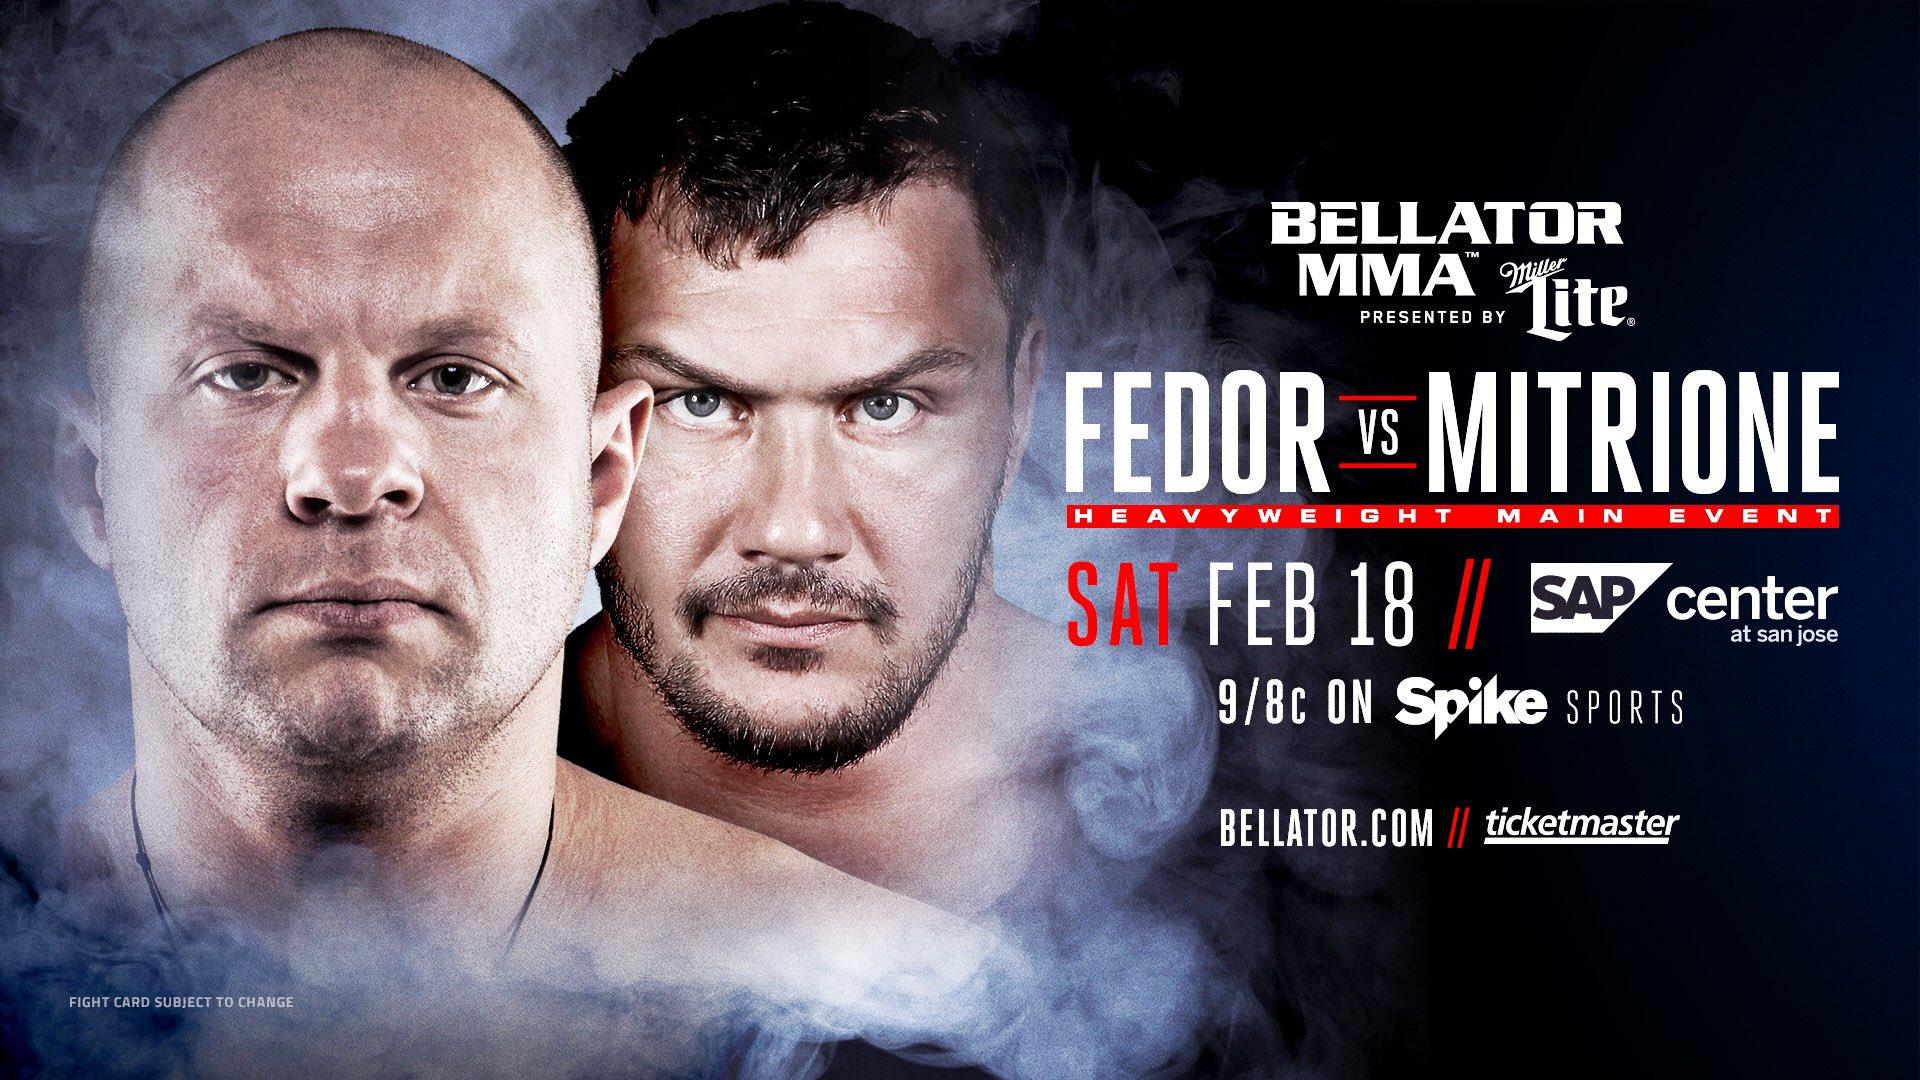 Fedor Emelianenko affrontera Matt Mitrione lors du Bellator 172